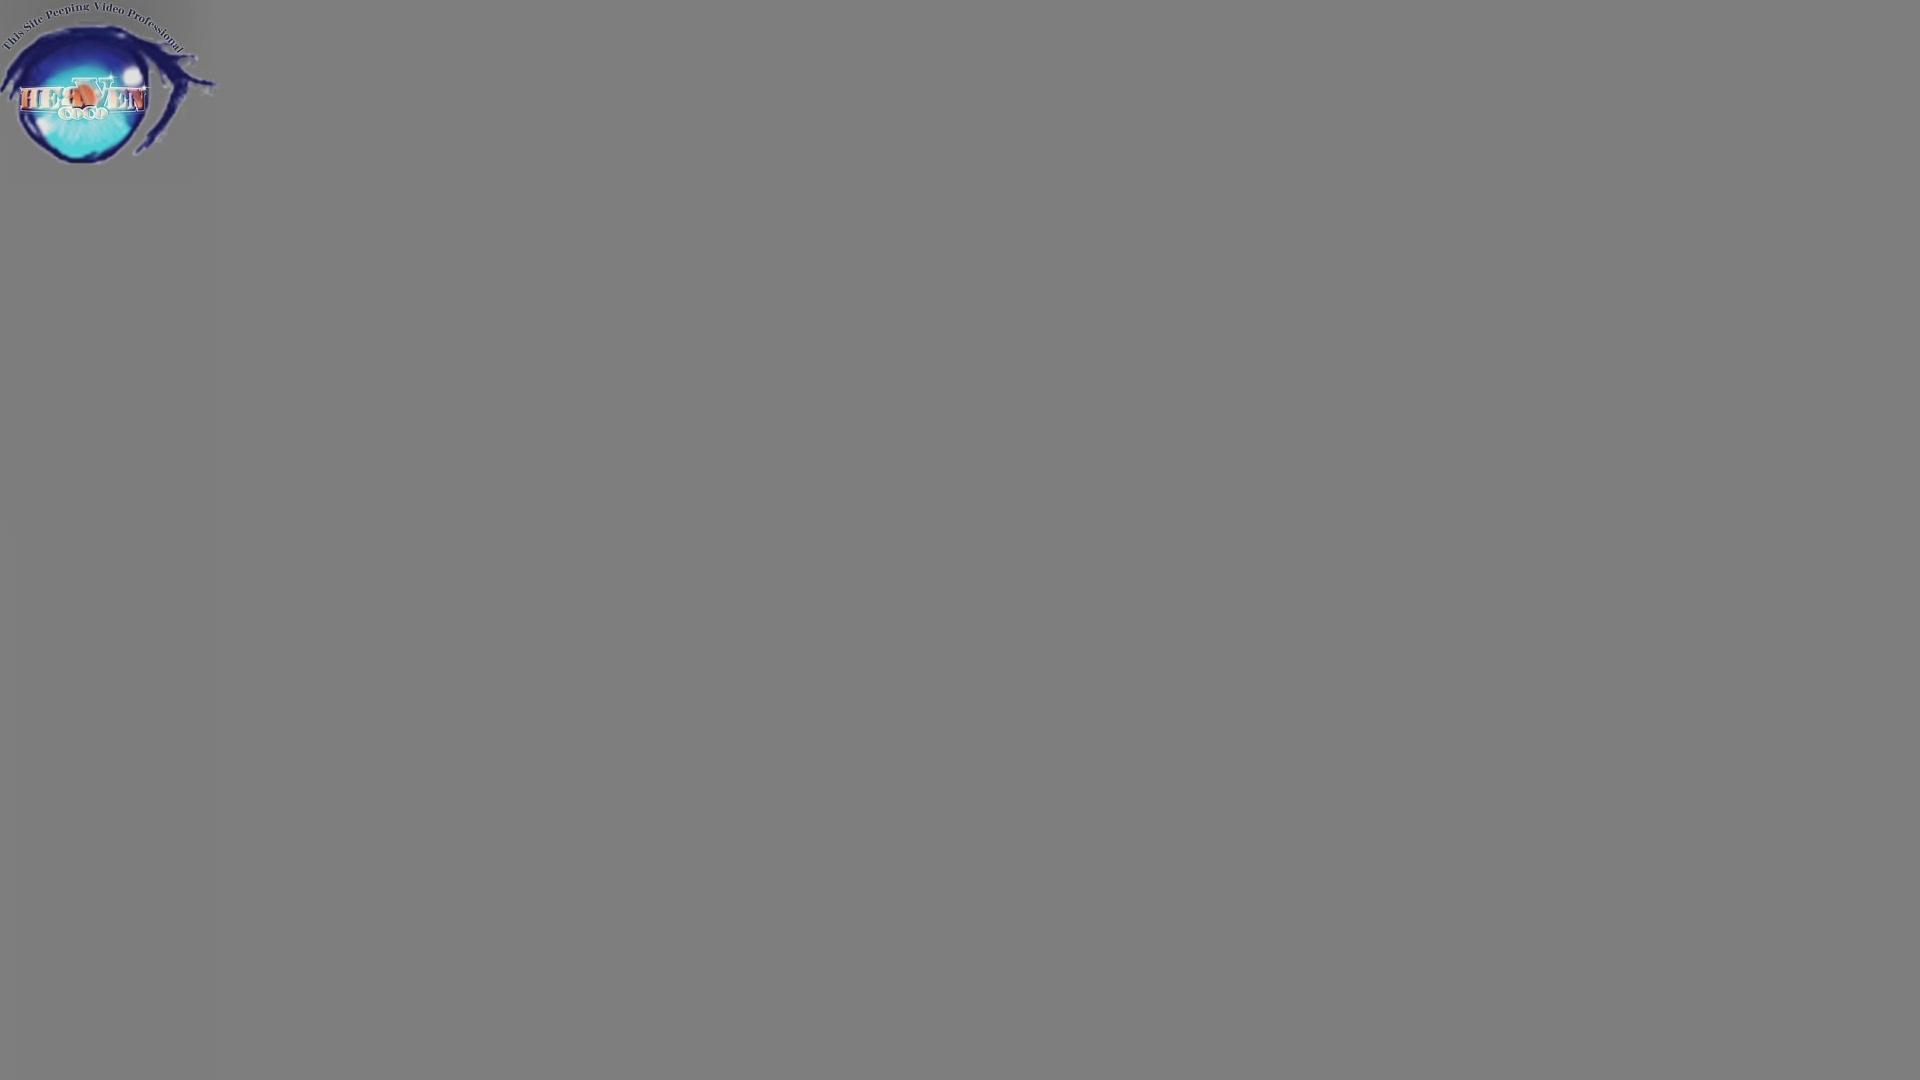 洗面所突入レポート!!お銀 vol.67 新たな場所への挑戦が始まる!!後編 OLのエロ生活  95連発 87